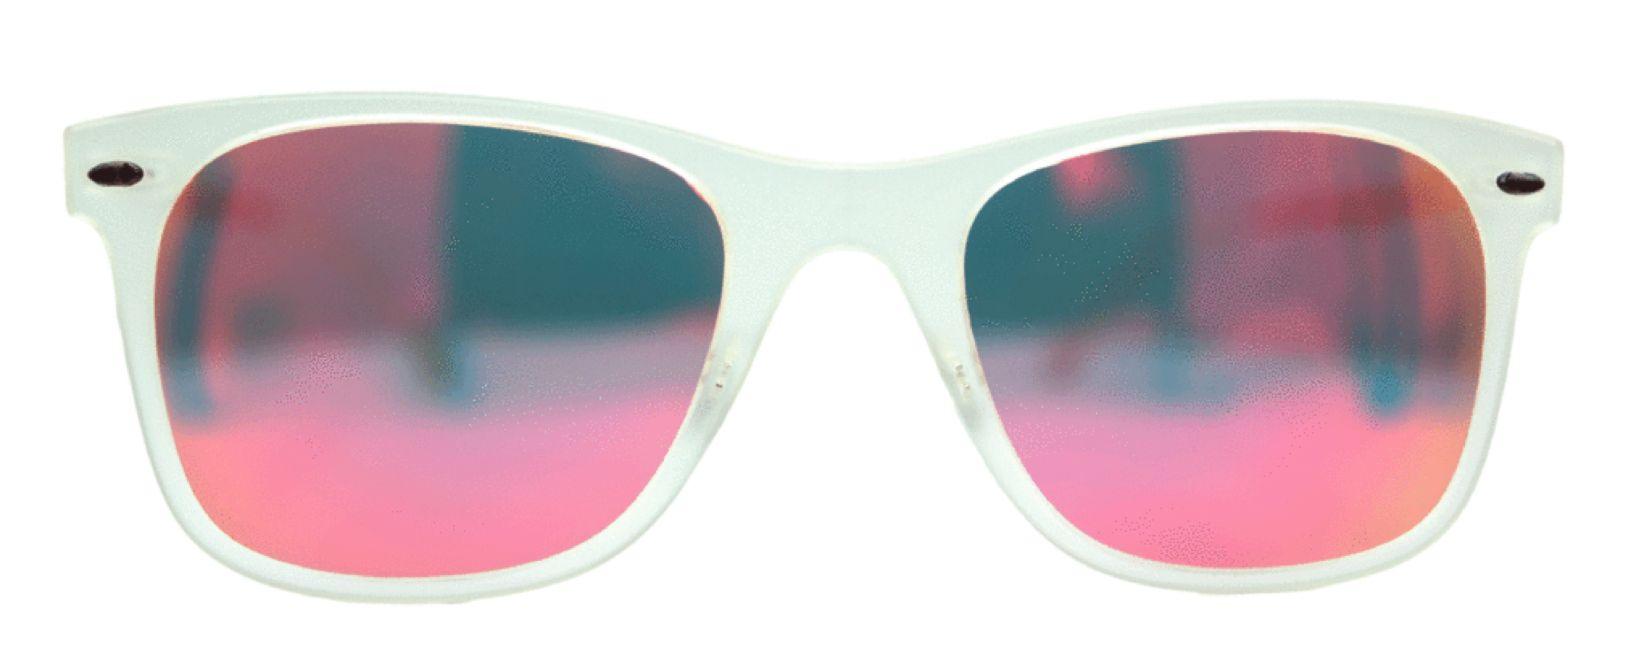 gafas-de-sol-dface-brac-crista-espejo-rosa